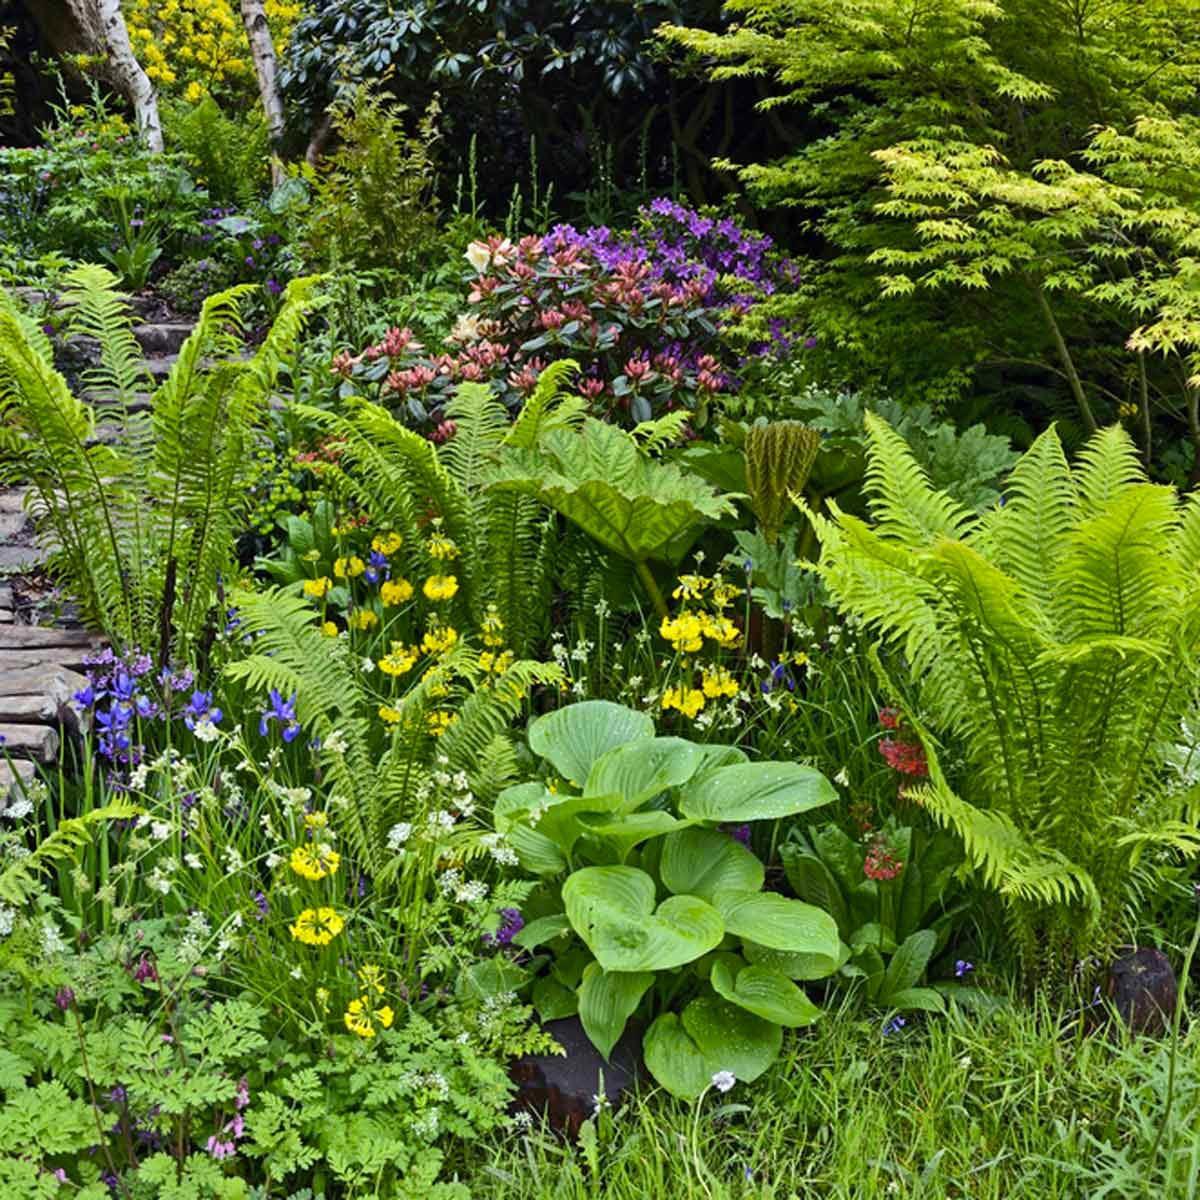 Aménagement paysager : variez les formes et les textures des plantes.